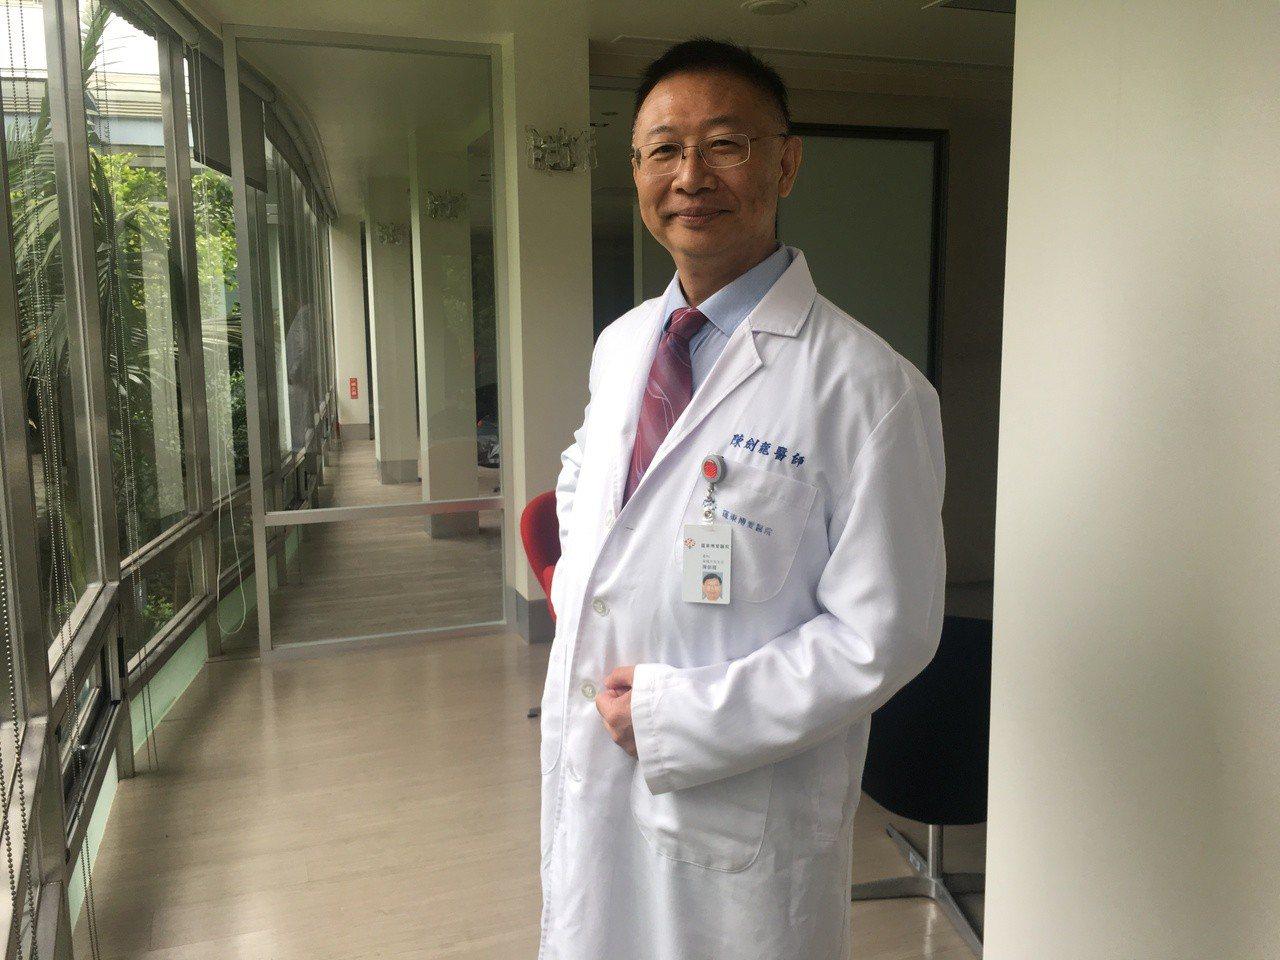 羅東博愛醫院骨科部脊椎外科主任陳劍龍在院內營養科團隊協助下減重1年,體重成功從1...